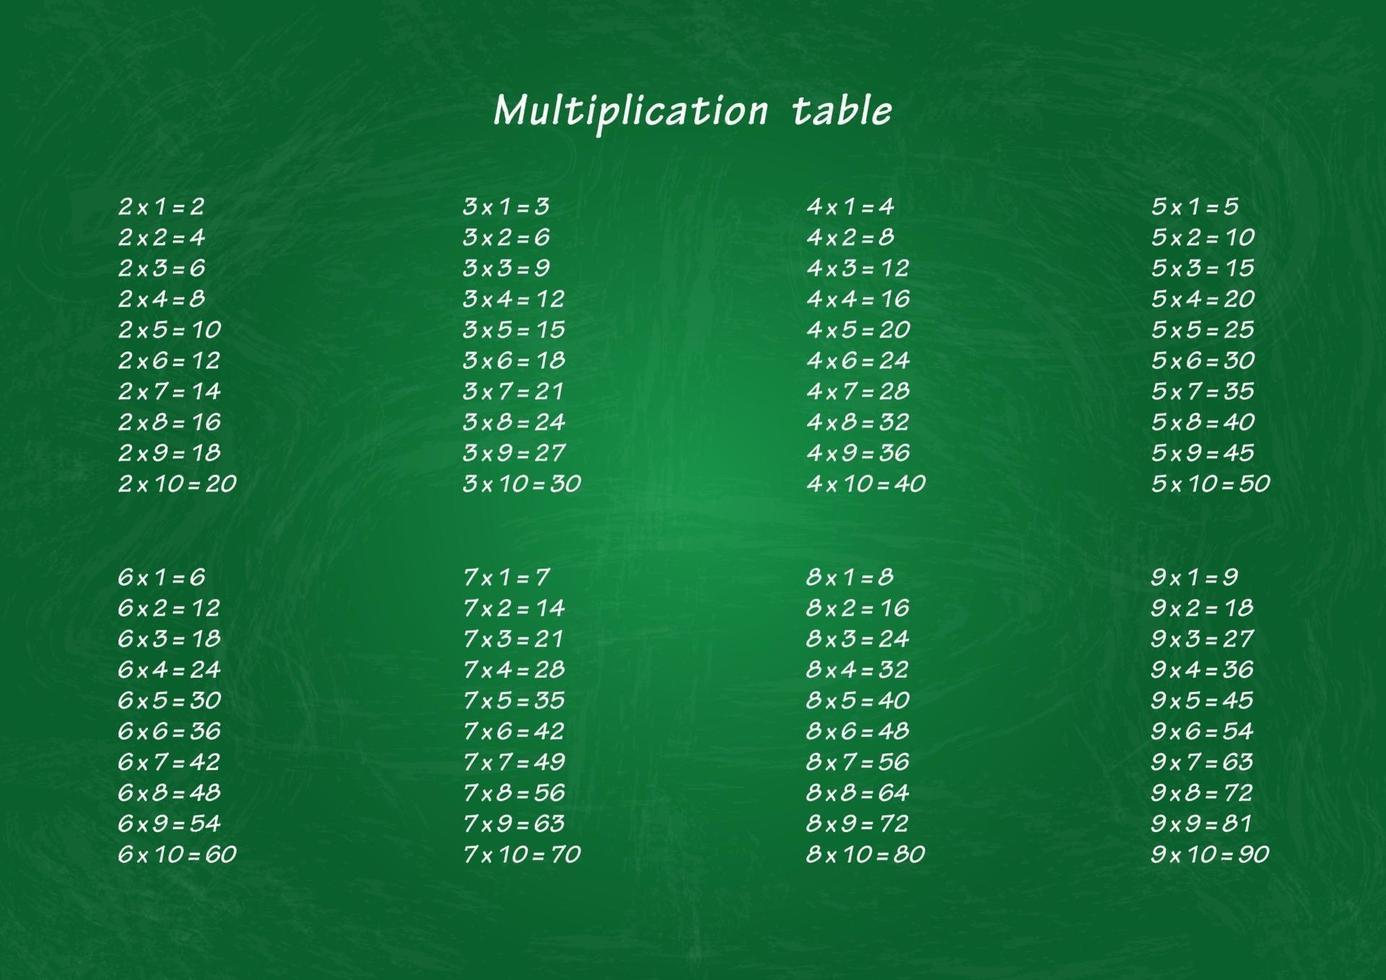 tavola pitagorica nel consiglio scolastico verde. materiale illustrativo per la stampa. vettore